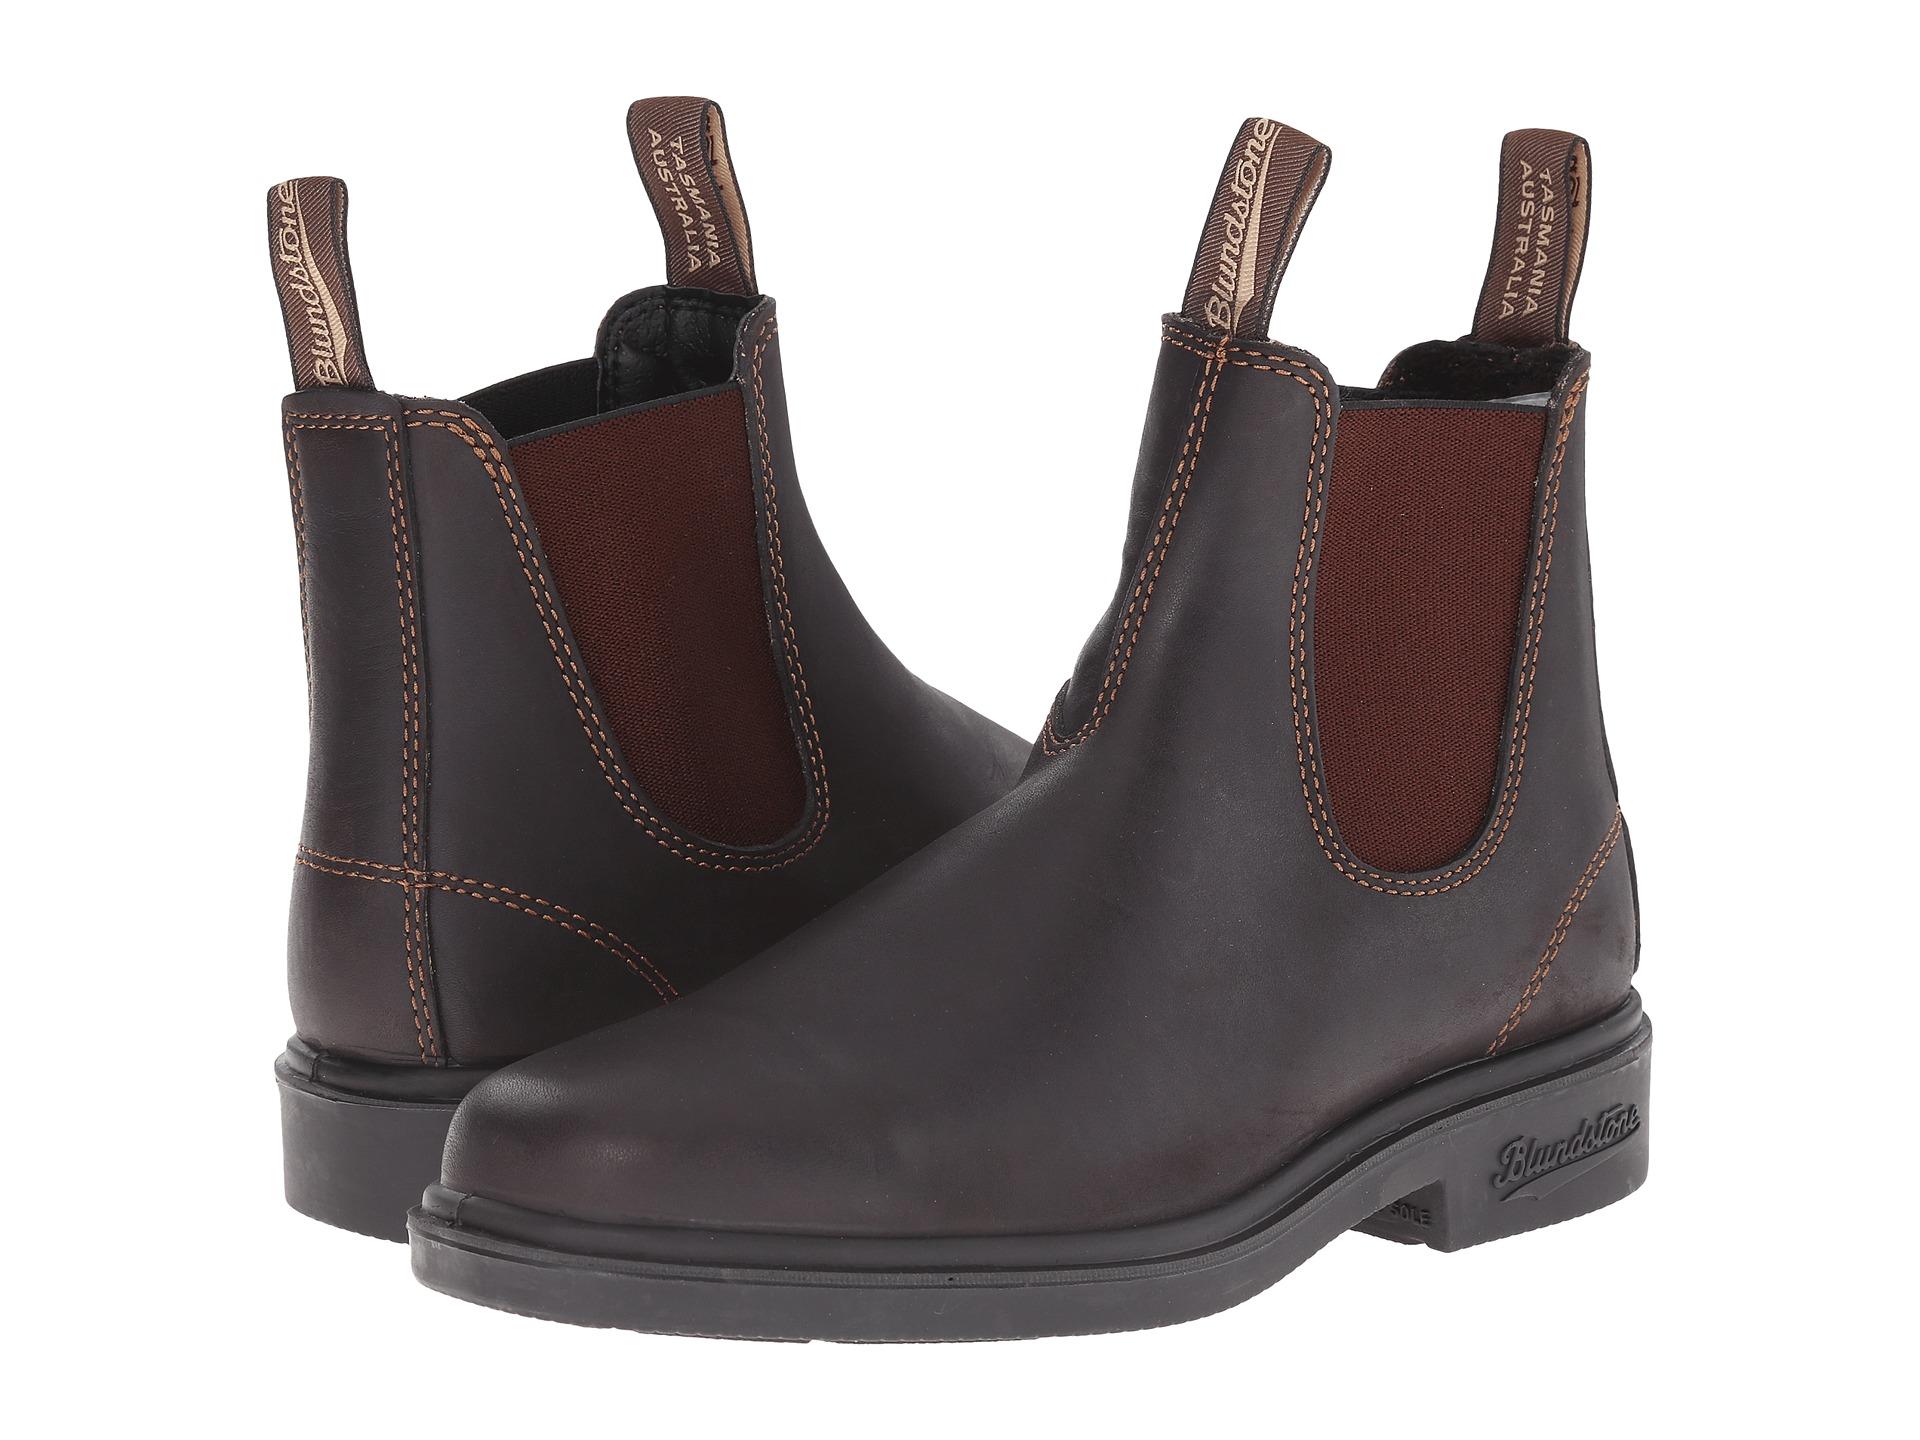 Model Lyst - Free People Blundstone Womens Blundstone Boot In Black